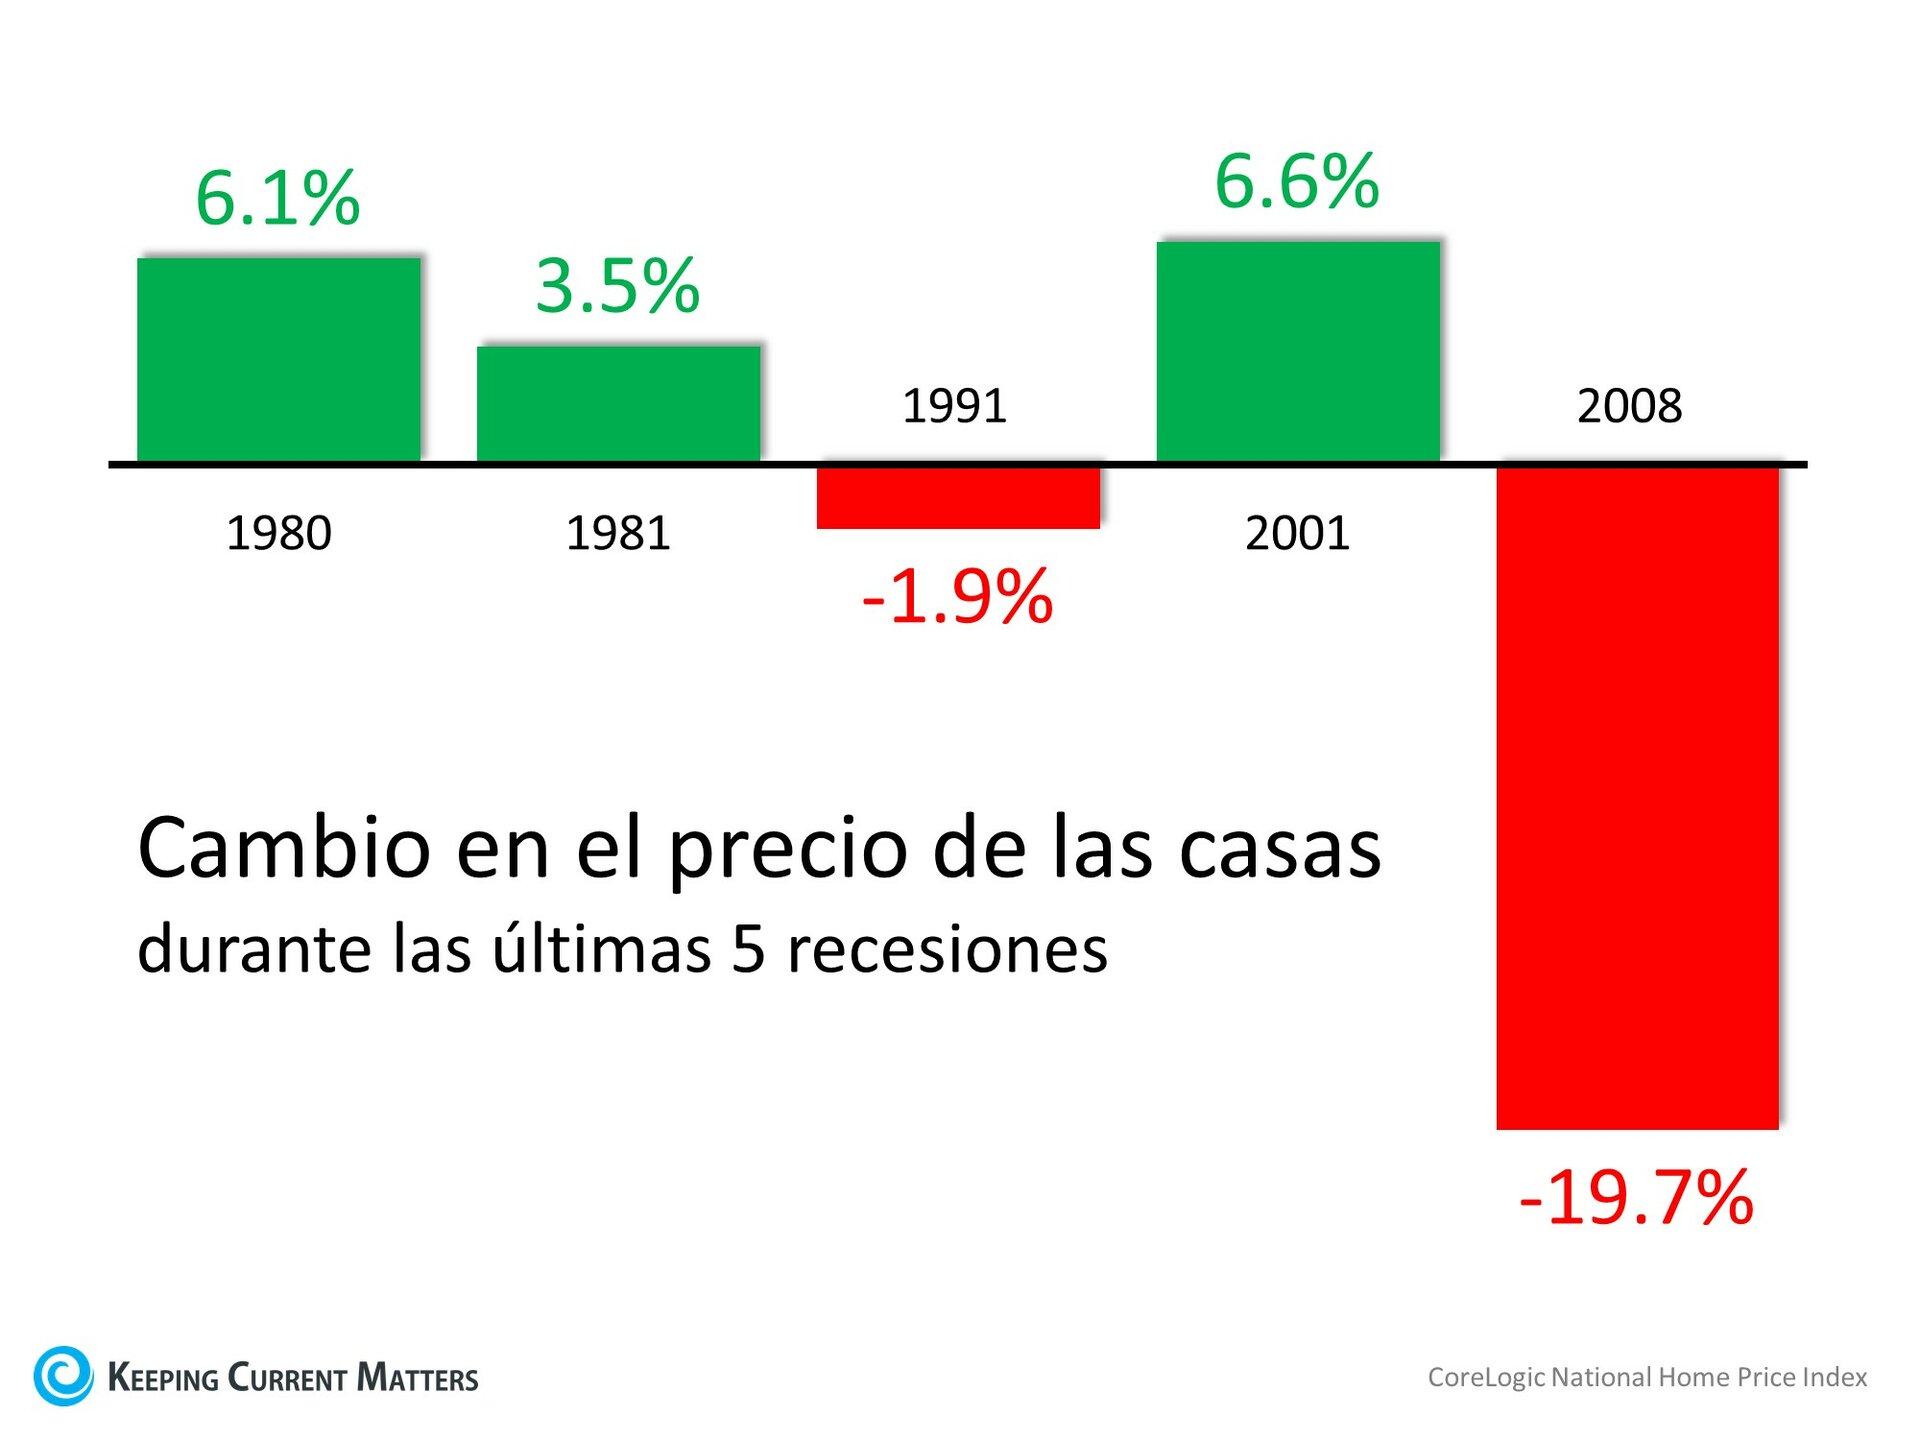 Los compradores de vivienda no deberían preocuparse por revivir 2008 | Keeping Current Matters